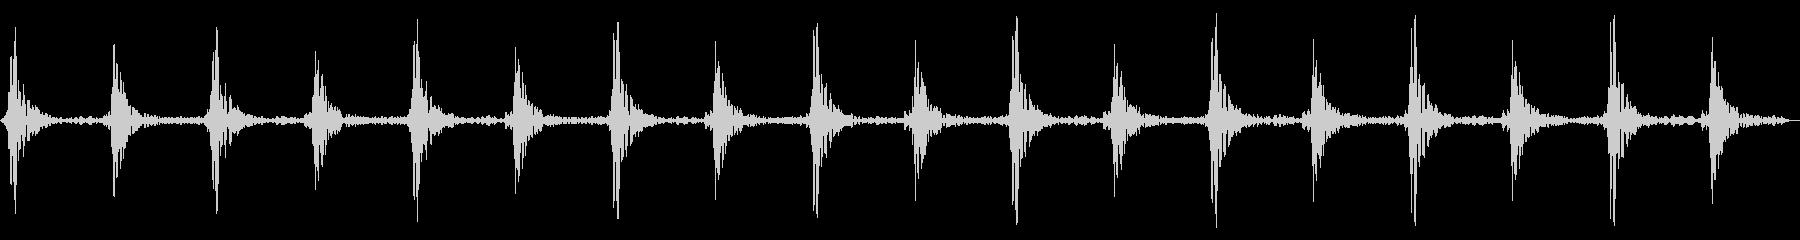 車のワイパーの動作音/連続音/の未再生の波形